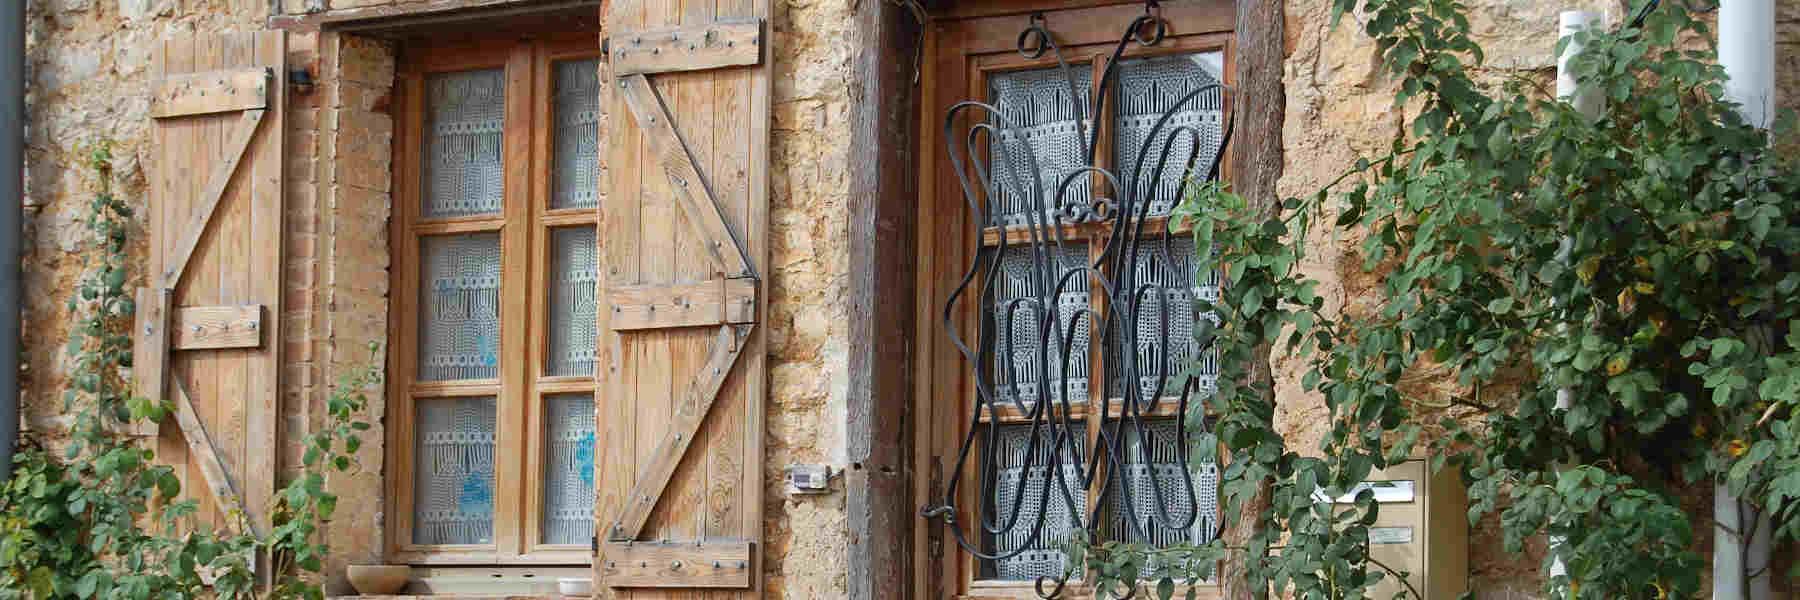 Visite du village de Montricoux